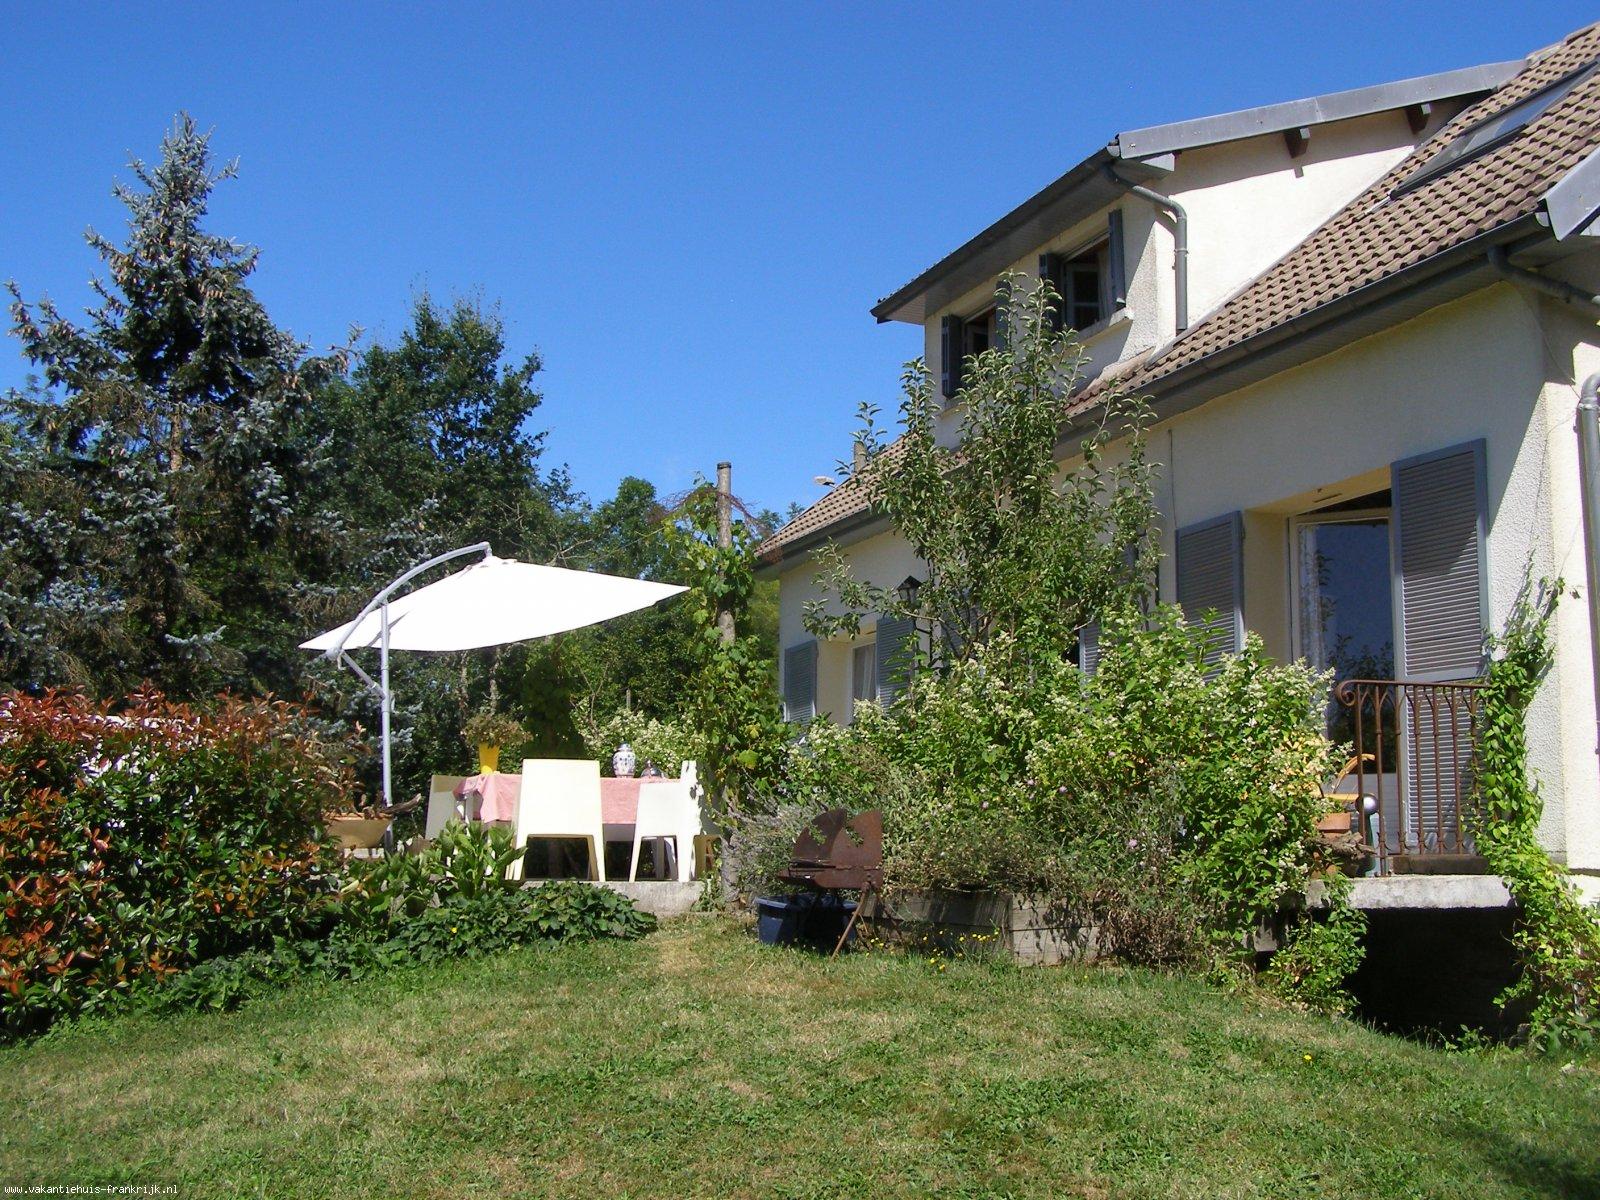 Vakantiehuis: Vrijstaand vakantiehuis,zuid-terras met prachtig uitzicht. Lekker ontspannen in natuurpark de Morvan, dichtbij groot zwemmeer.Voor 2 tot 7 personen, te huur voor uw vakantie in Nievre (Frankrijk)